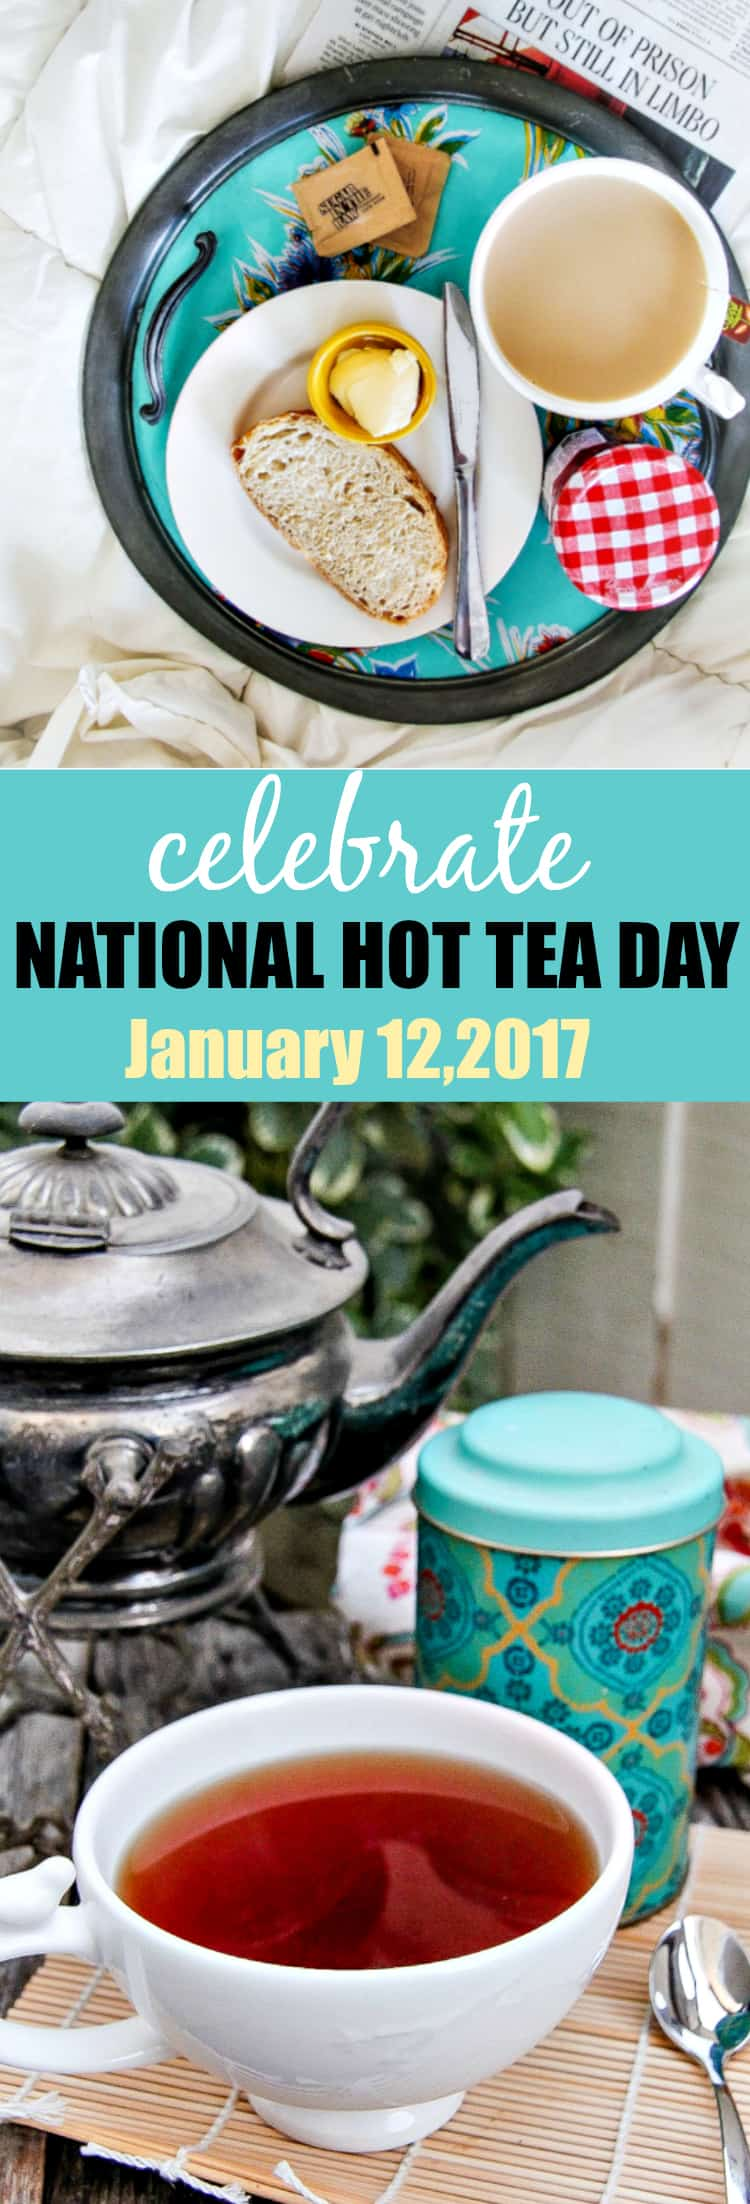 how-will-you-celebrate-naitonal-hot-tea-day-on-january-12-2017